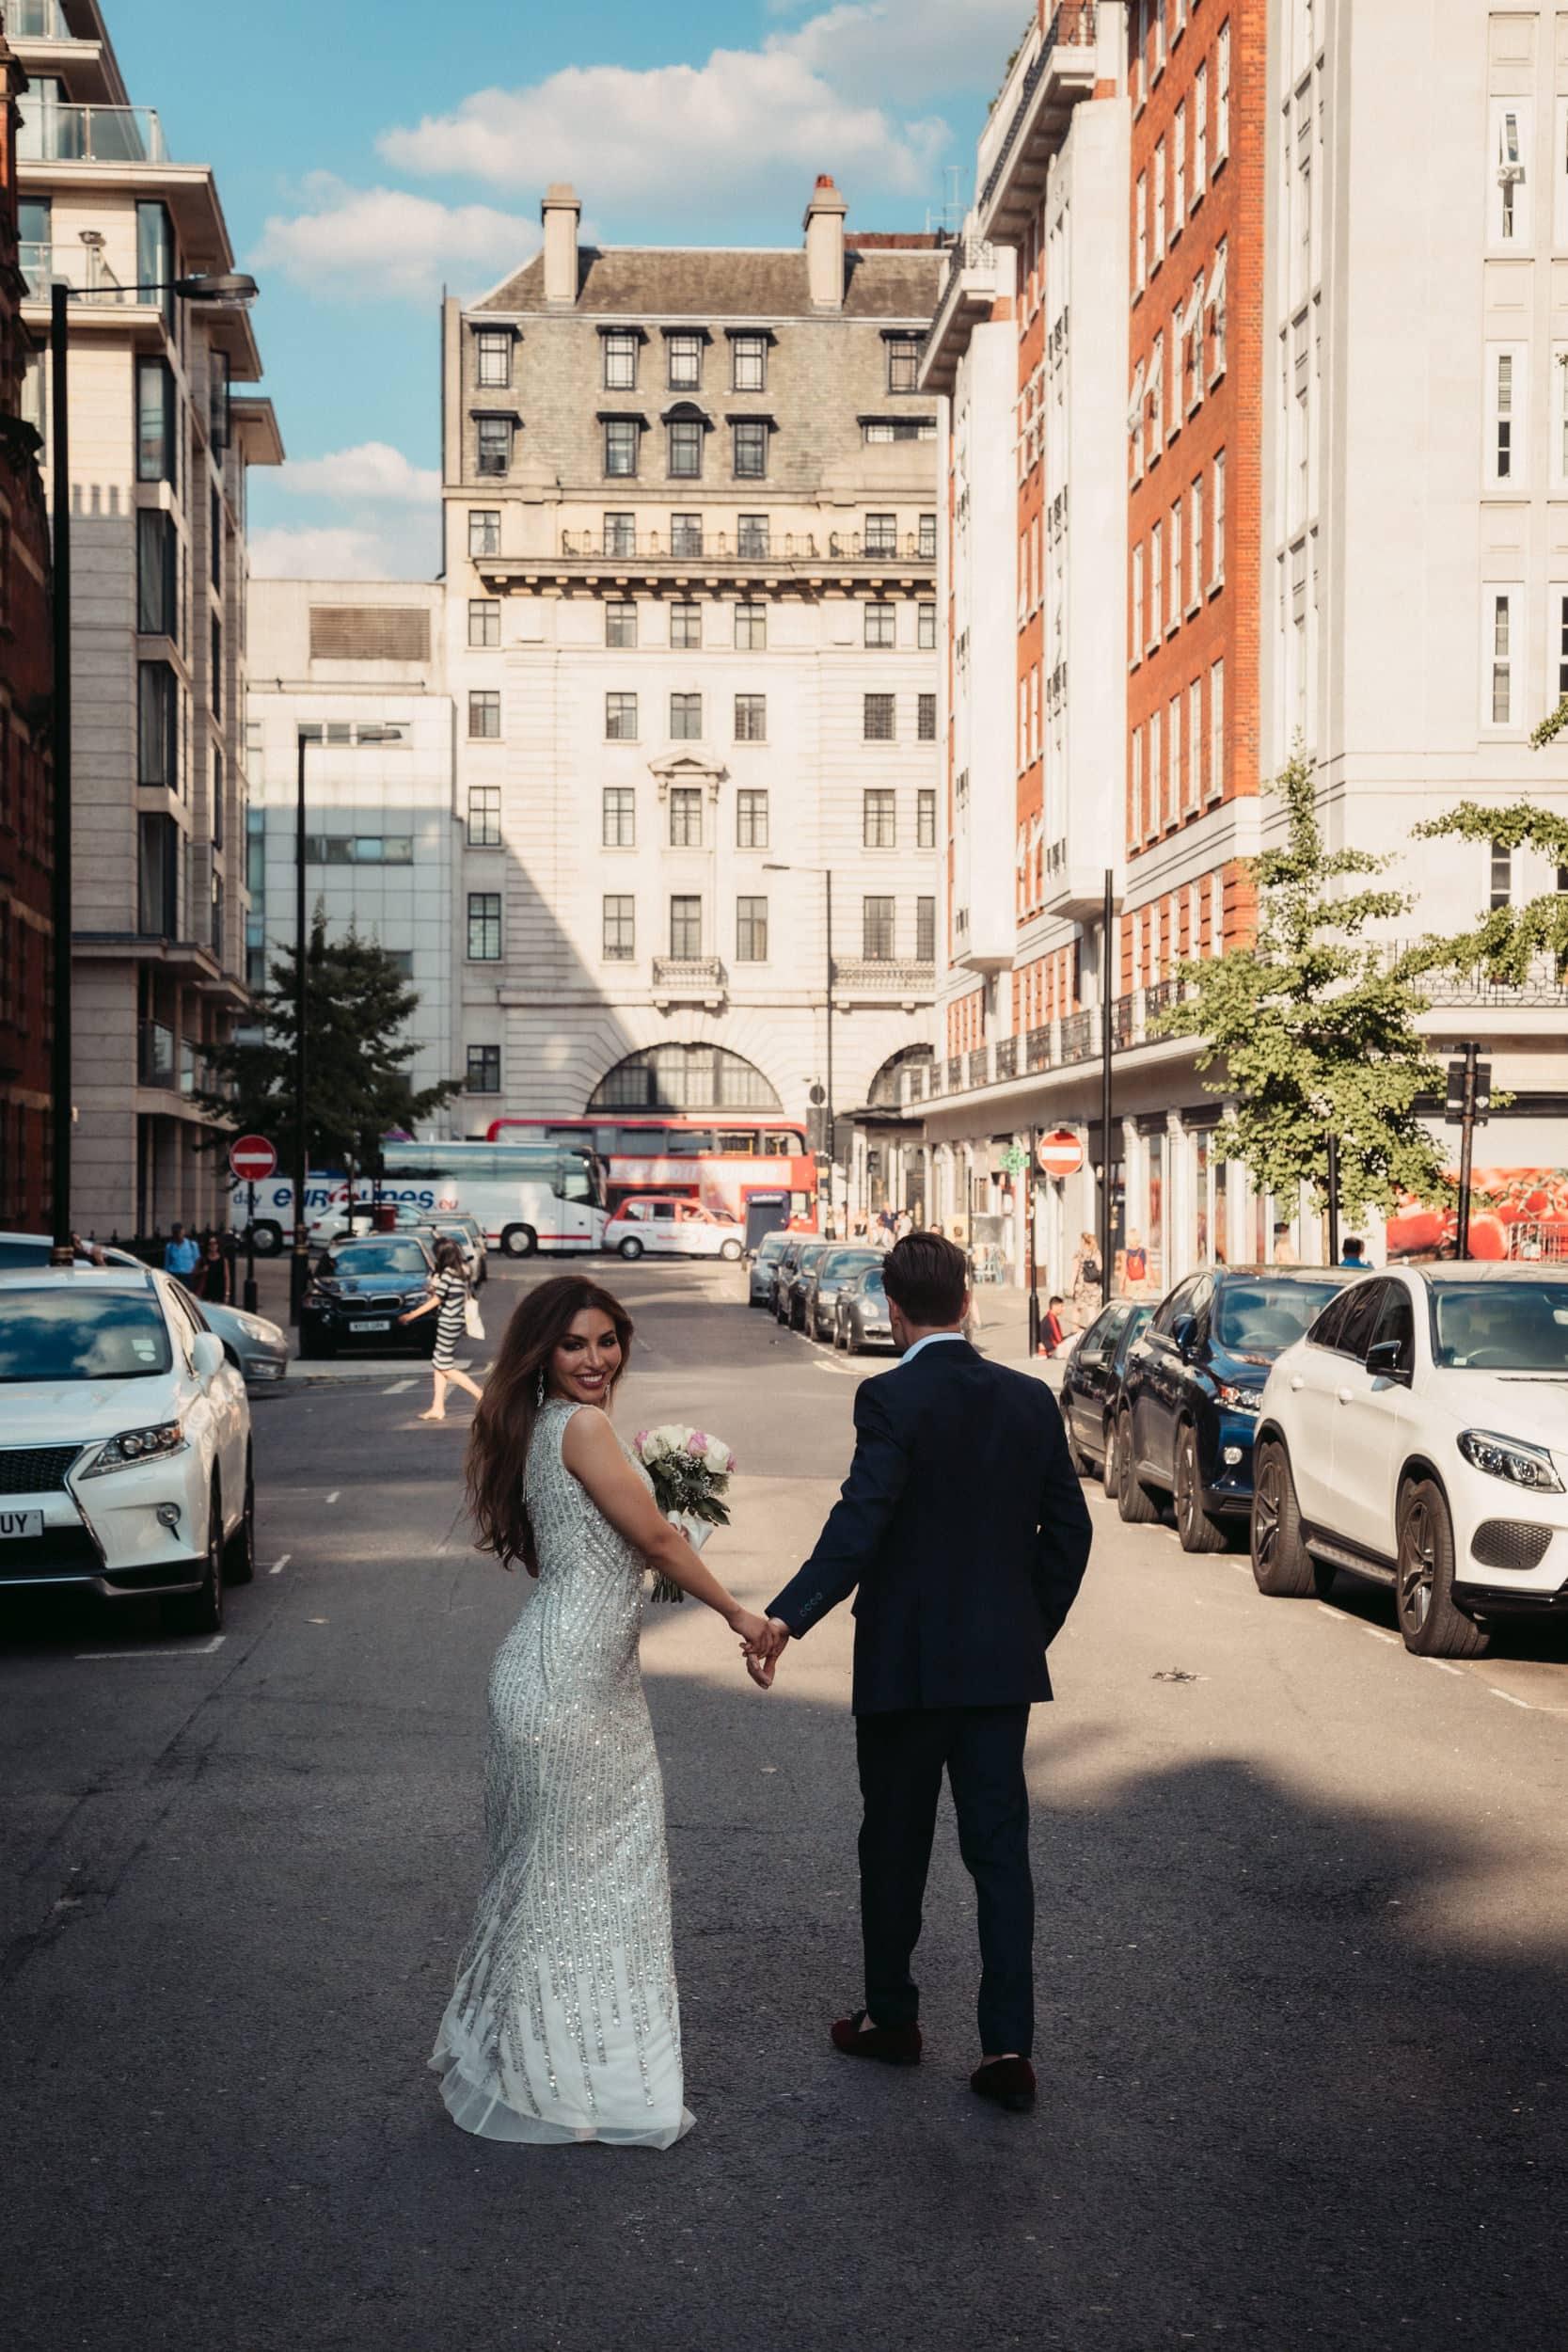 wedding couple walking down street in Marylebone London